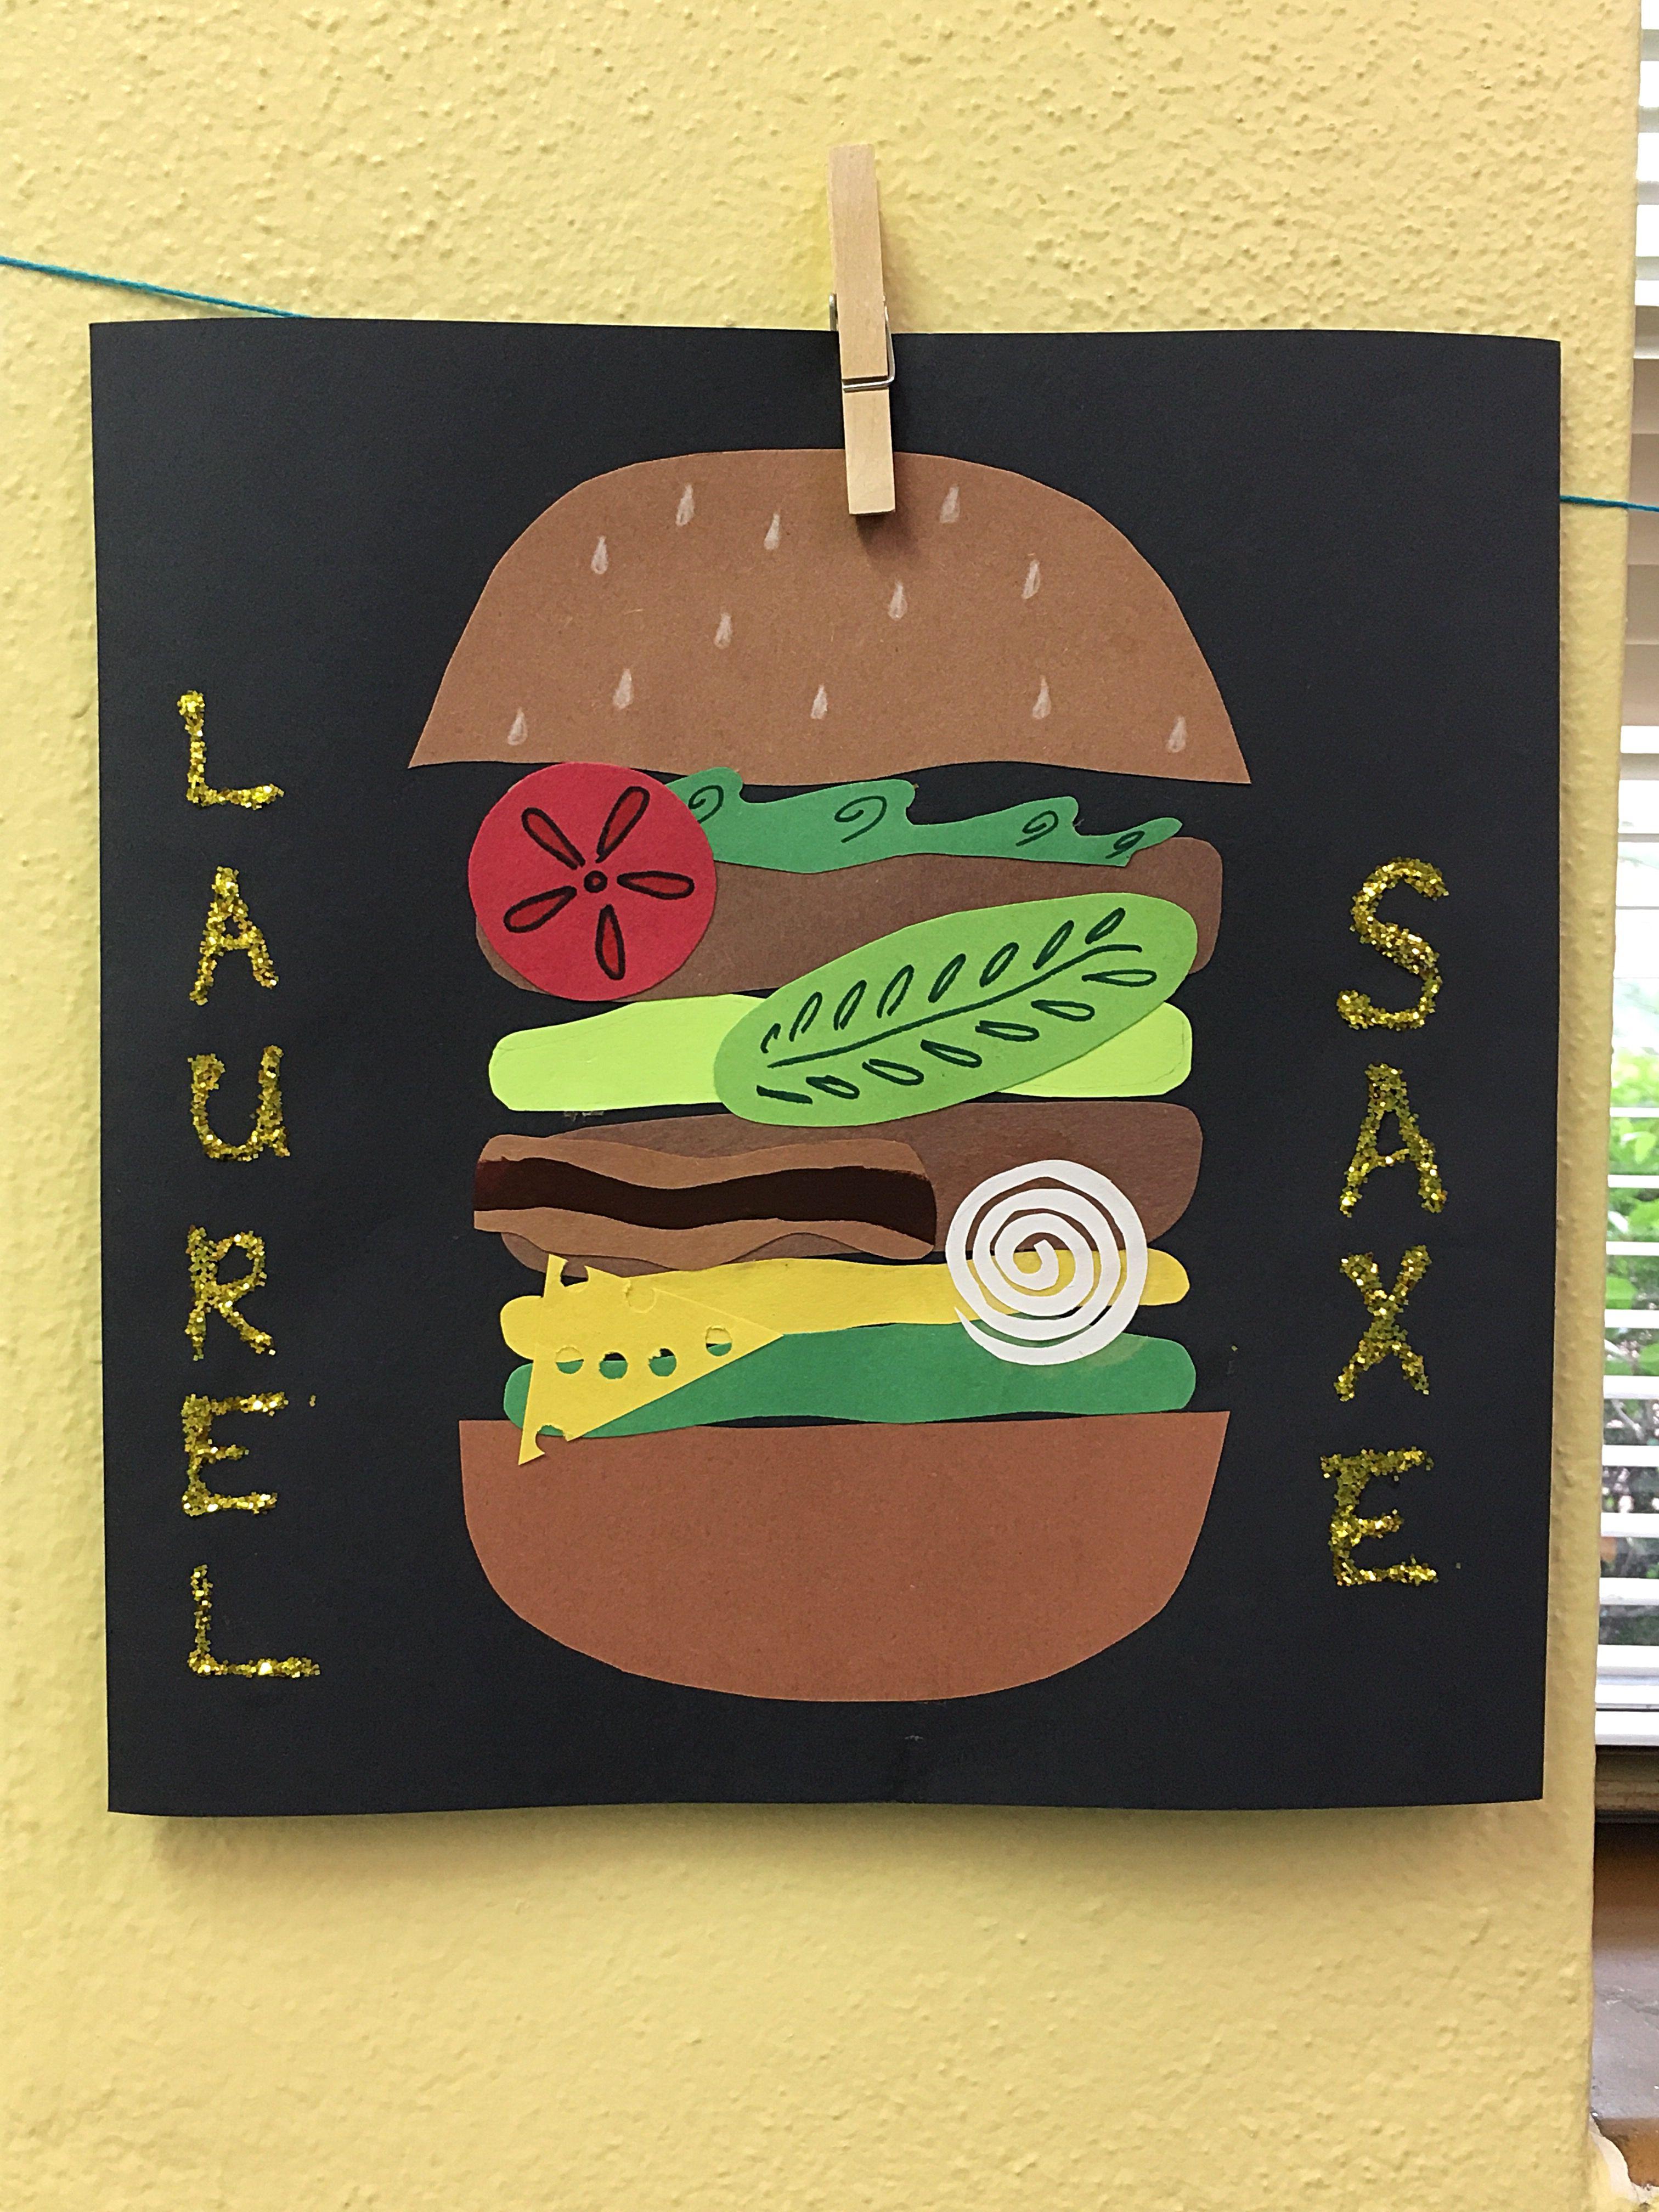 Hamburger Worksheets For Kids